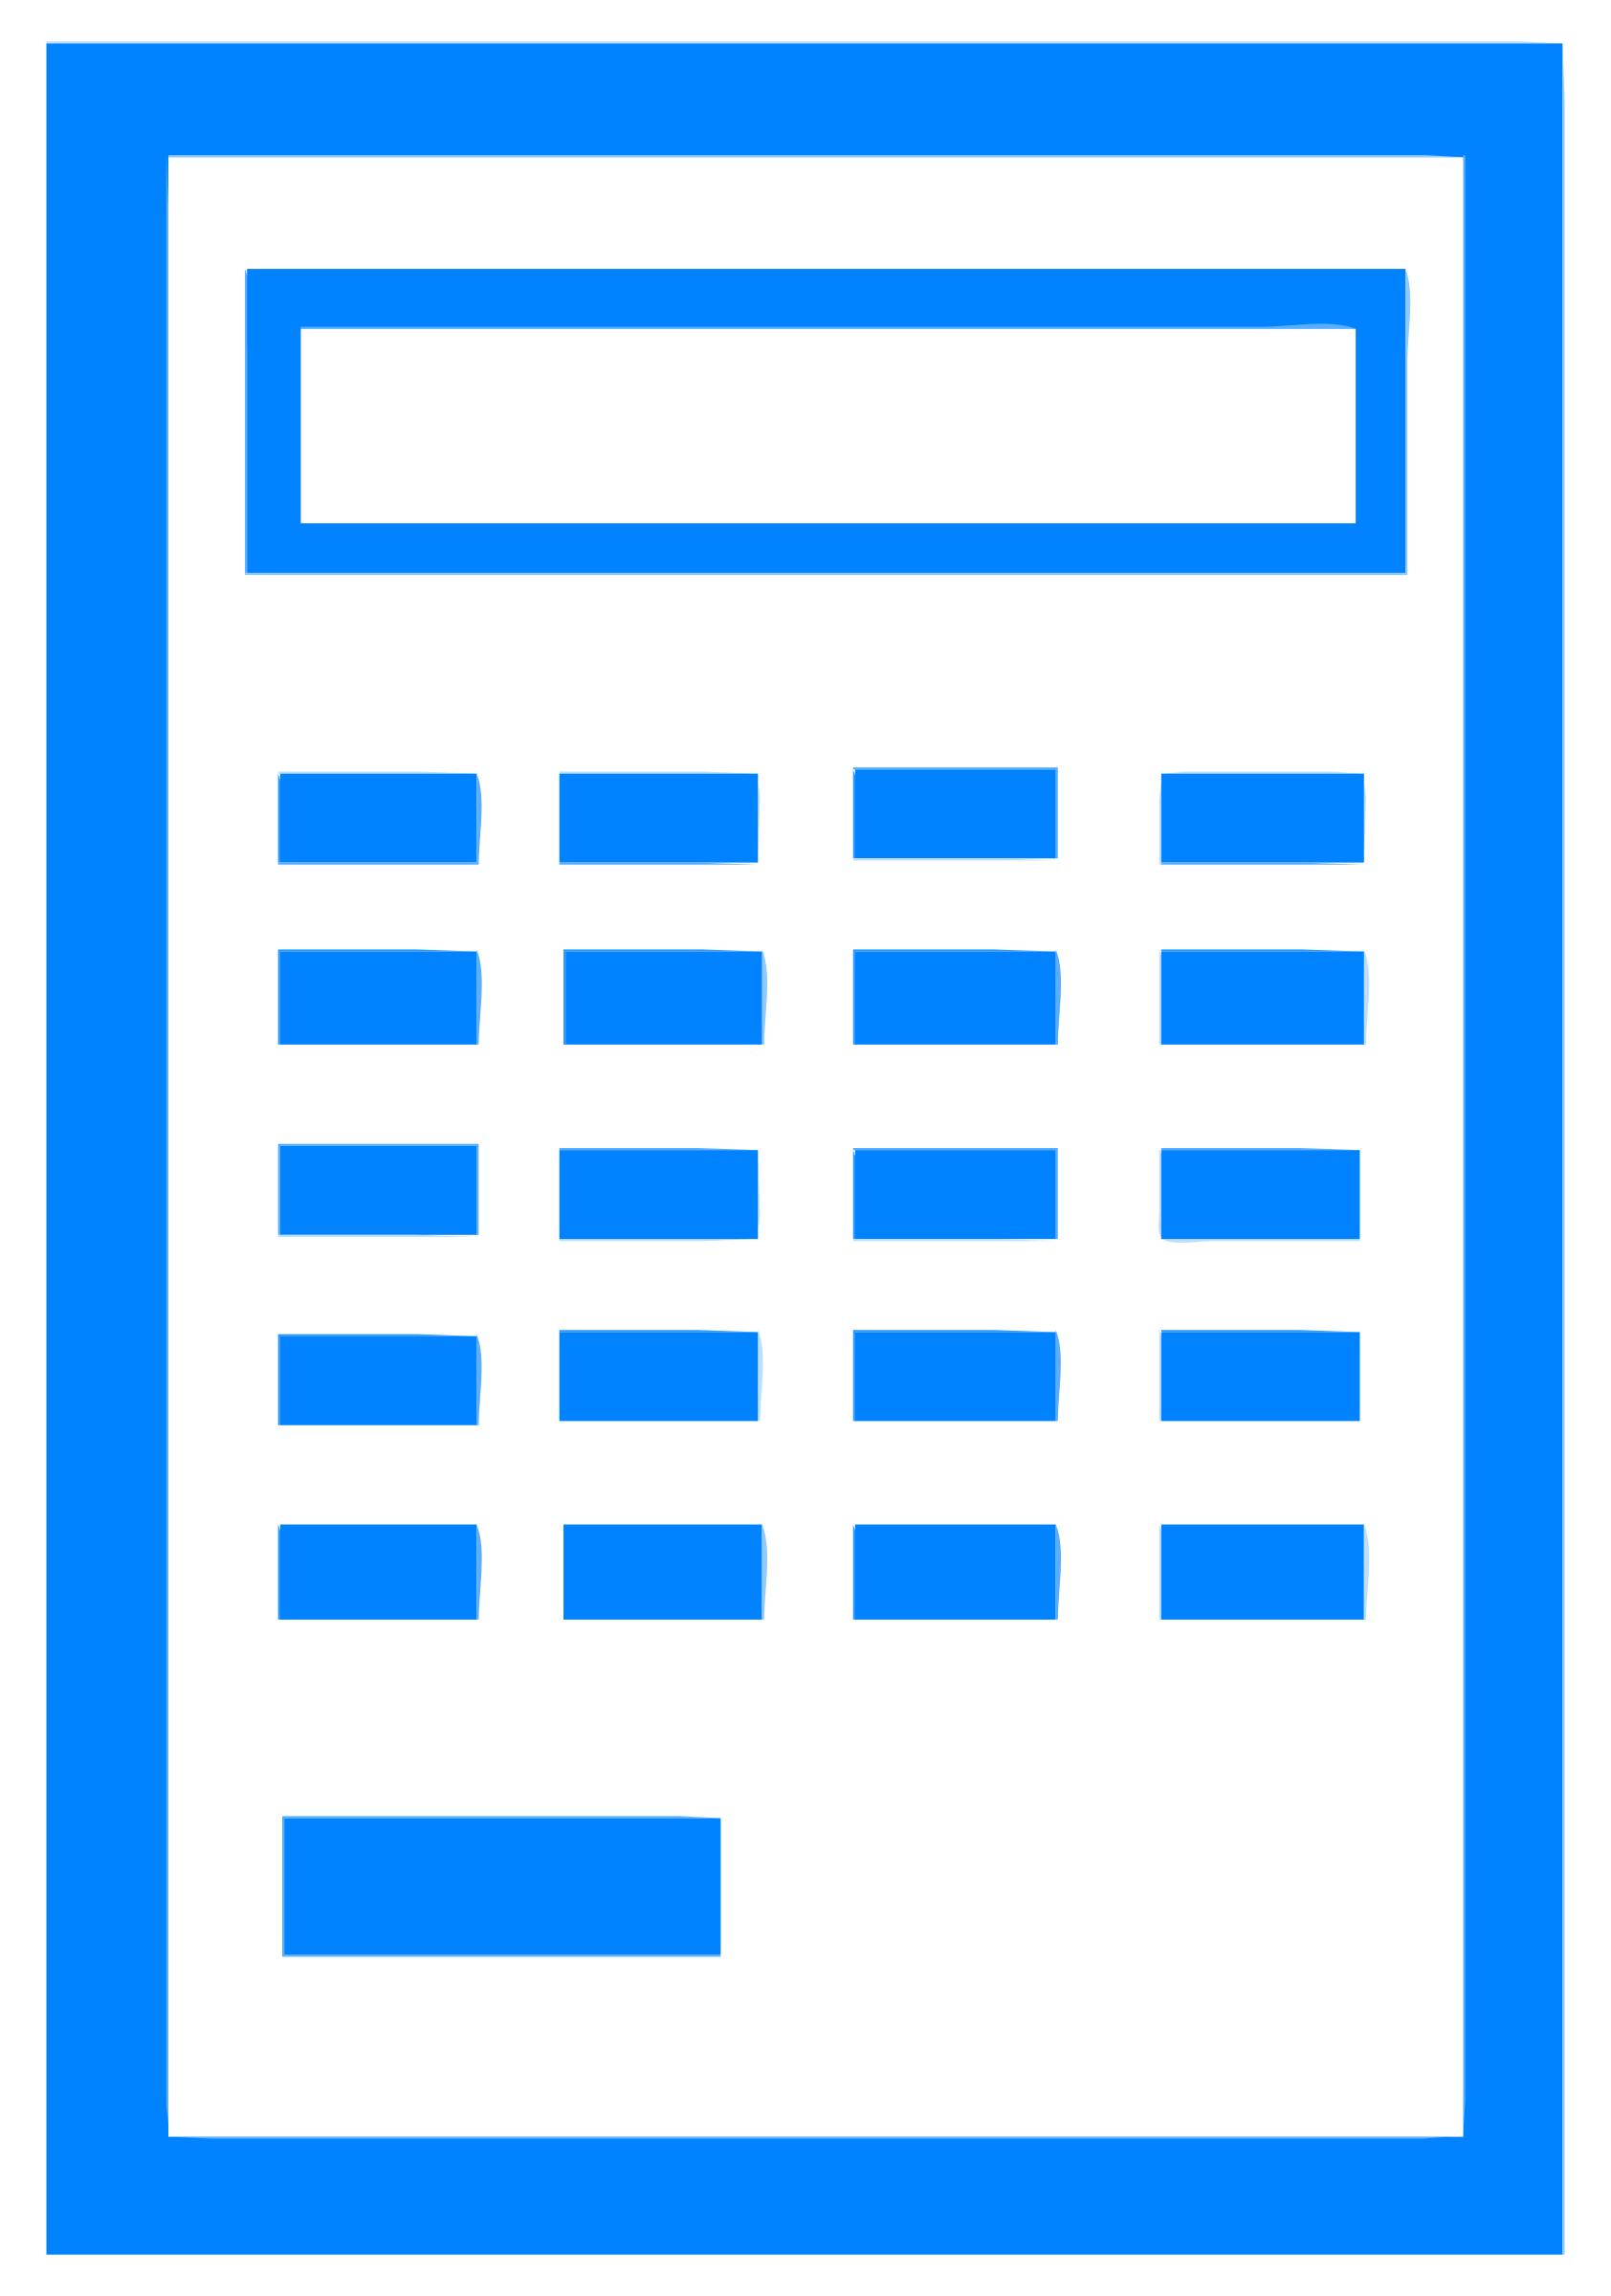 clipart calculator icon